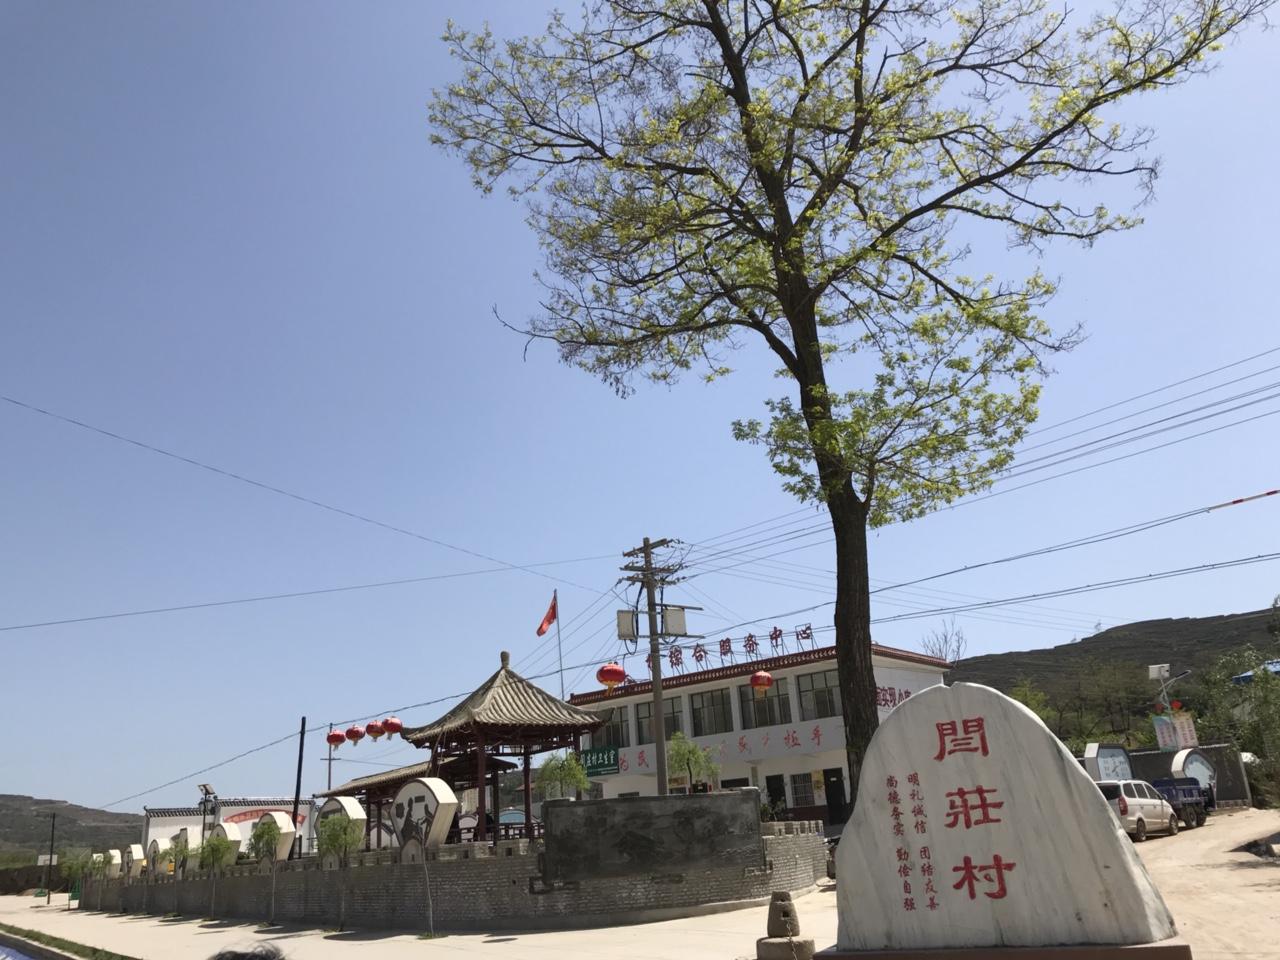 【文化惠民】大阳镇闫庄村综合文化服务中心风�